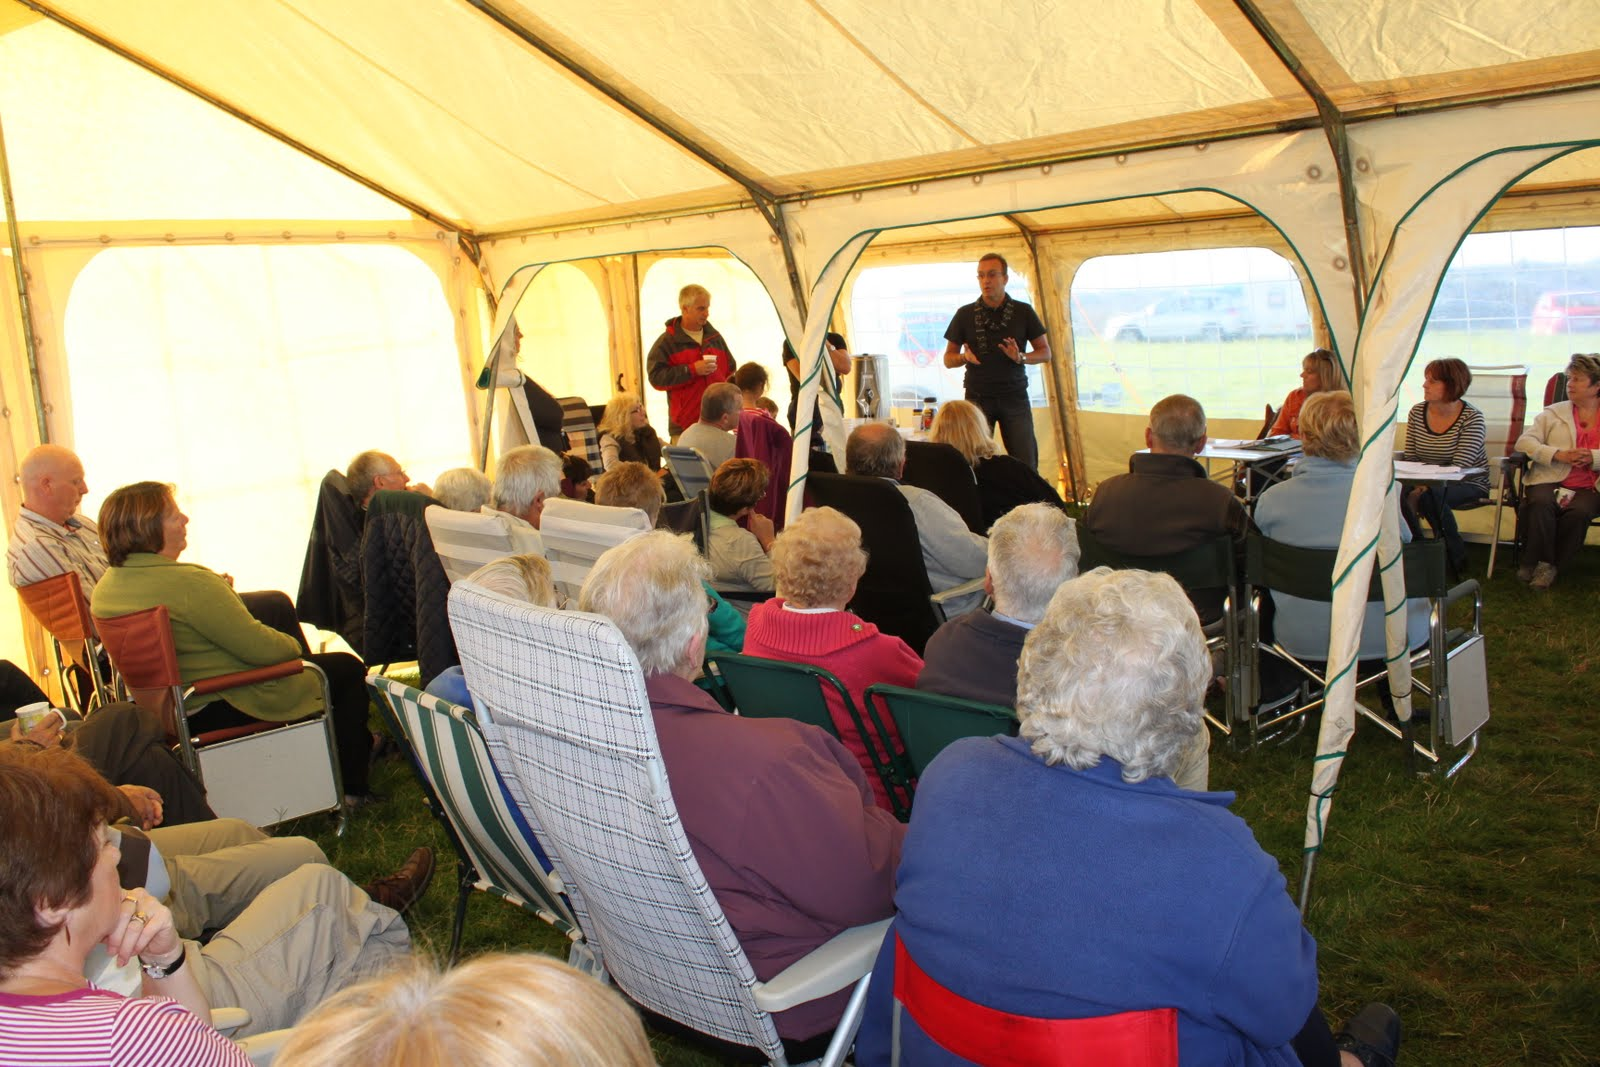 Barn Park Members Meet - October 2012